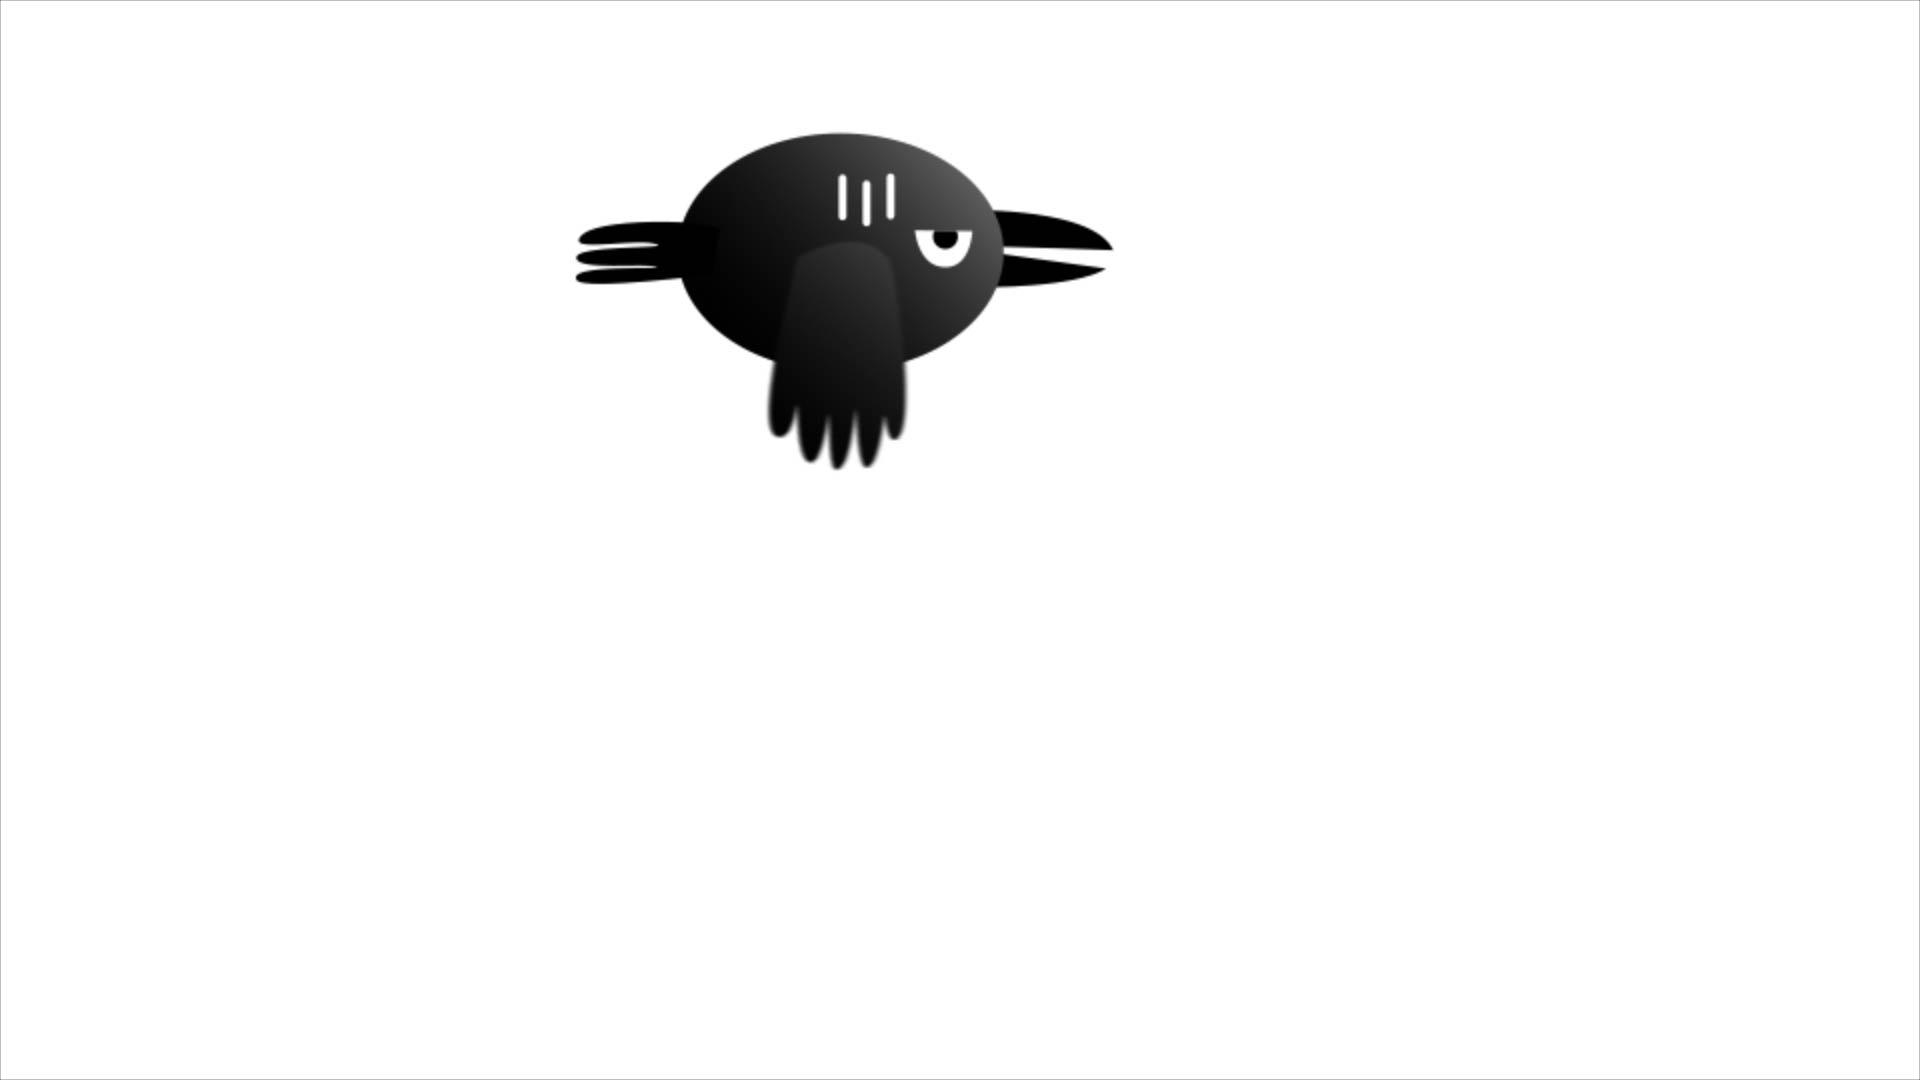 仙鶴飛過山河視頻特效素材下載-1280 × 720分辨率-視頻元素視頻模板編號60984-lovepik